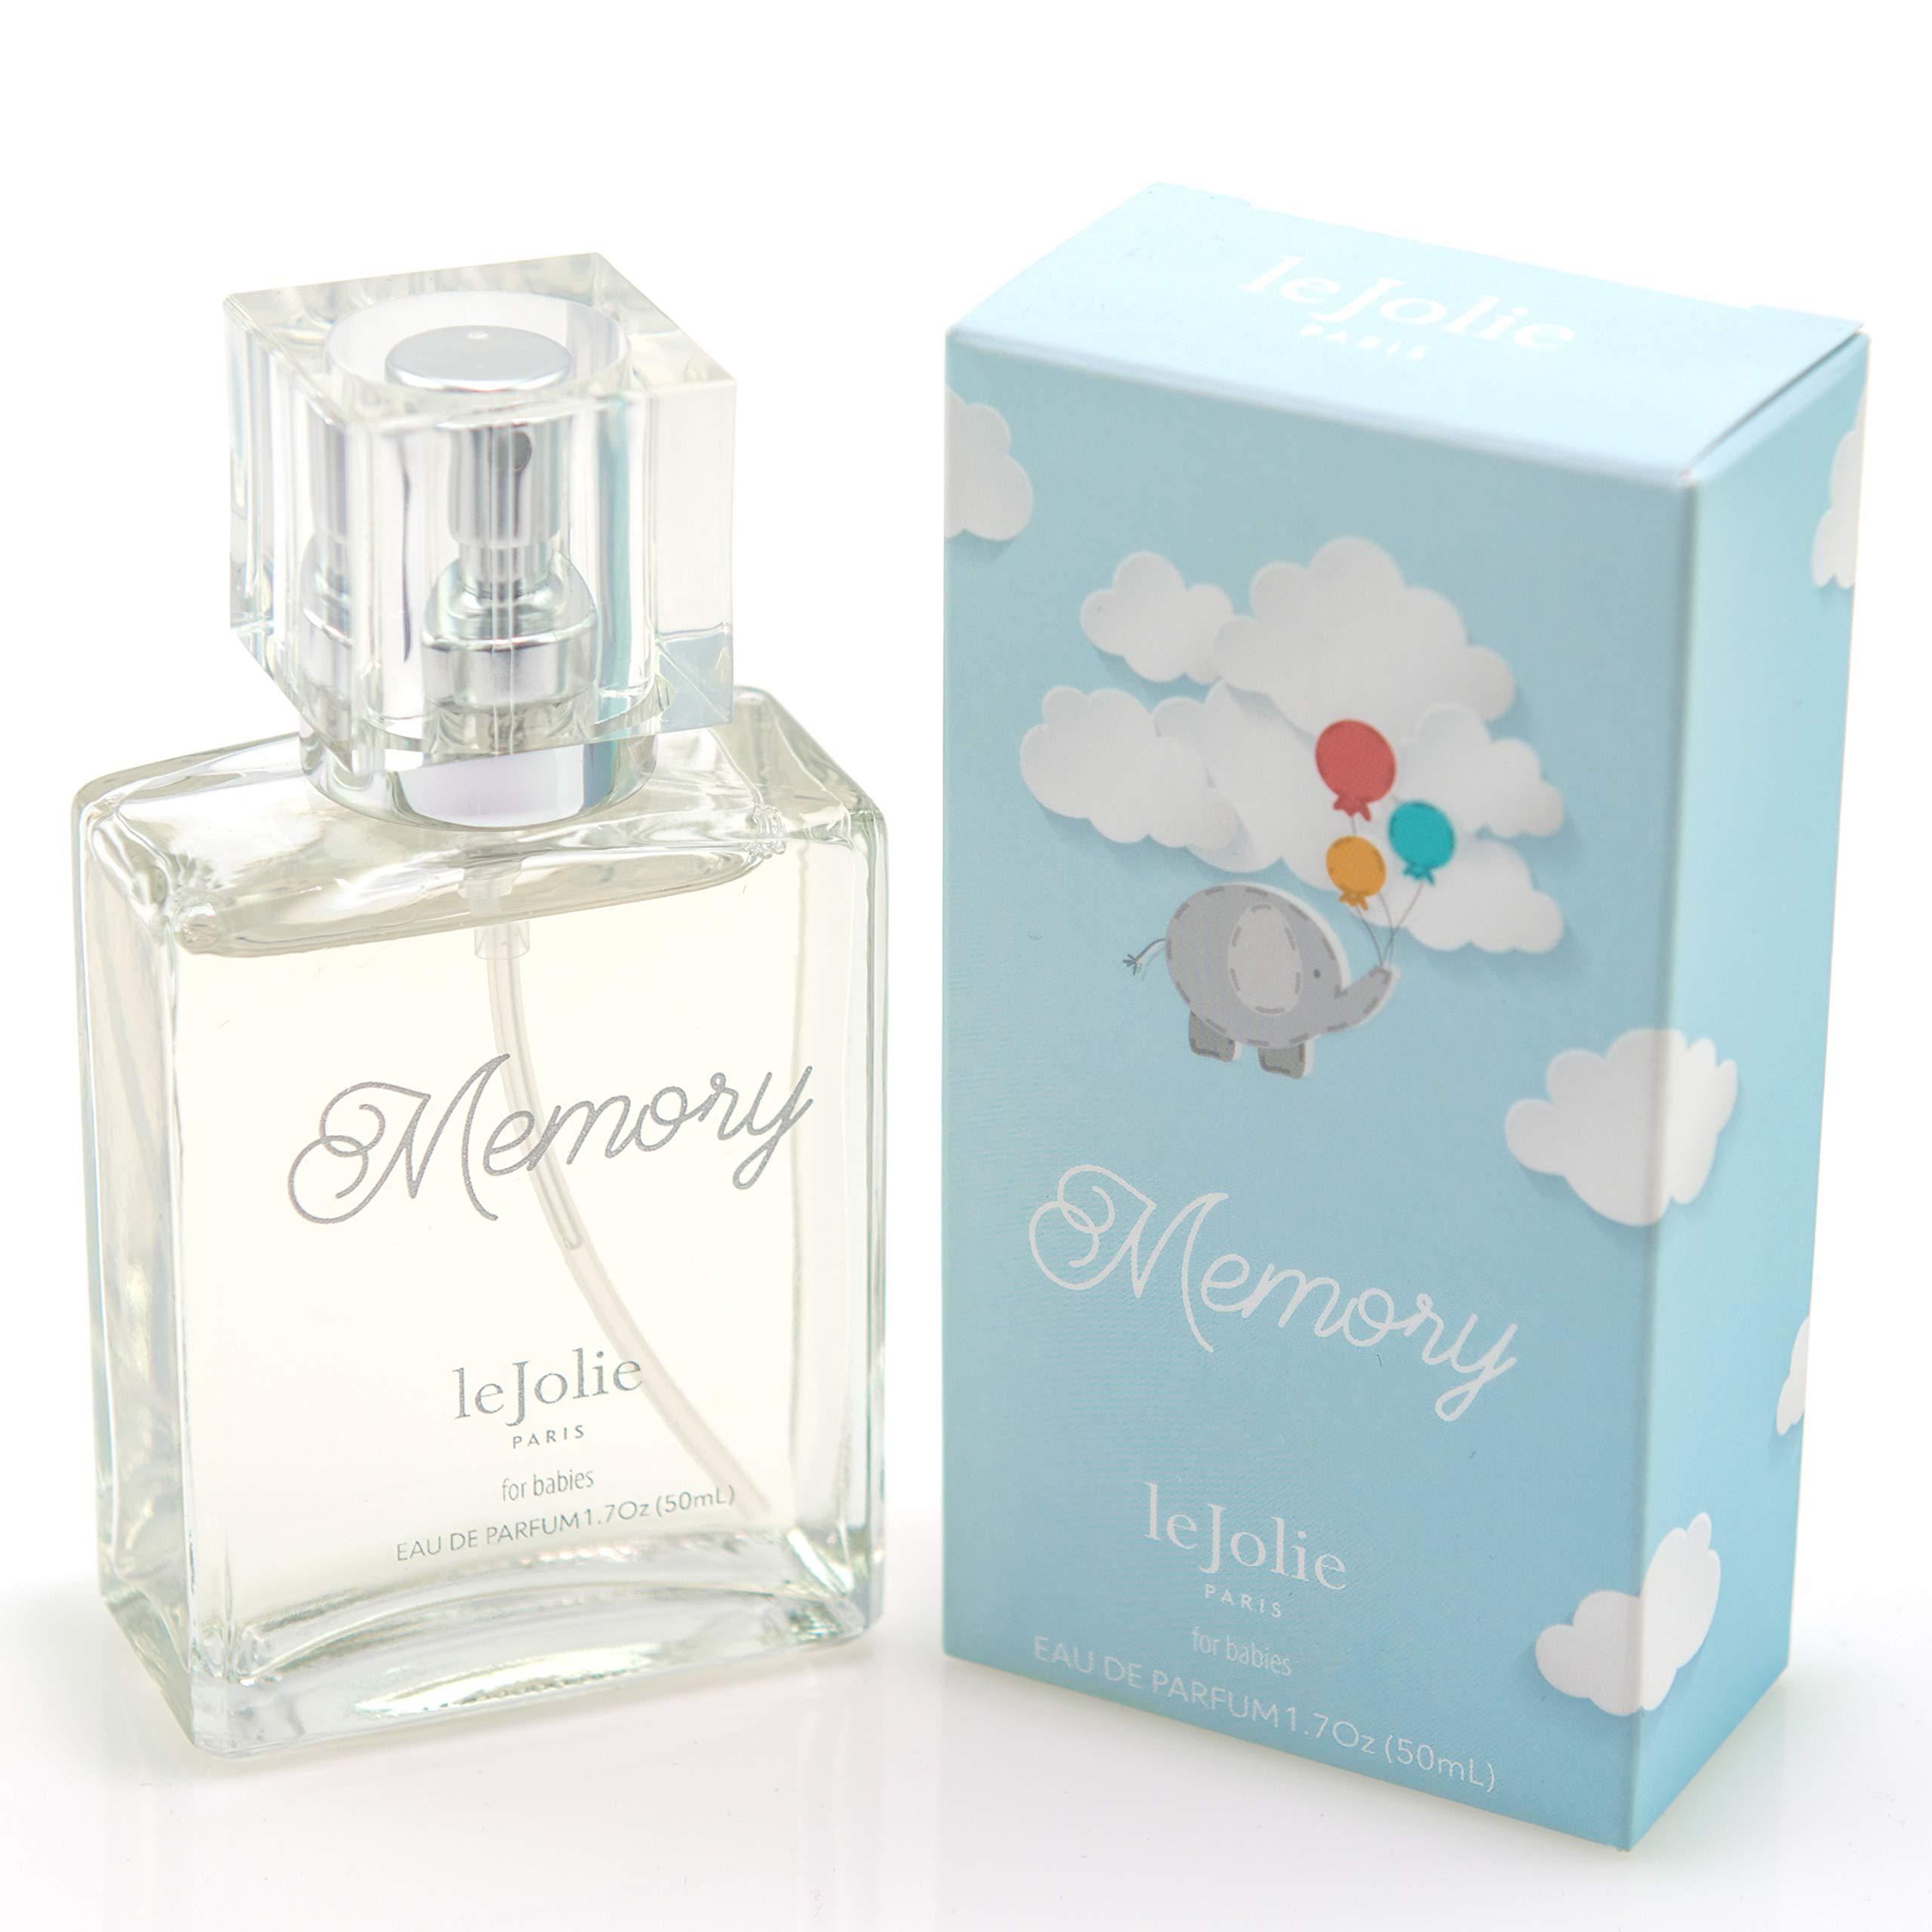 Le Jolie Memory Perfume For Babies alcohol- free EAU DE PARFUM   Baby Cologne 1.7 OZ (50ML) by Baby Jolie